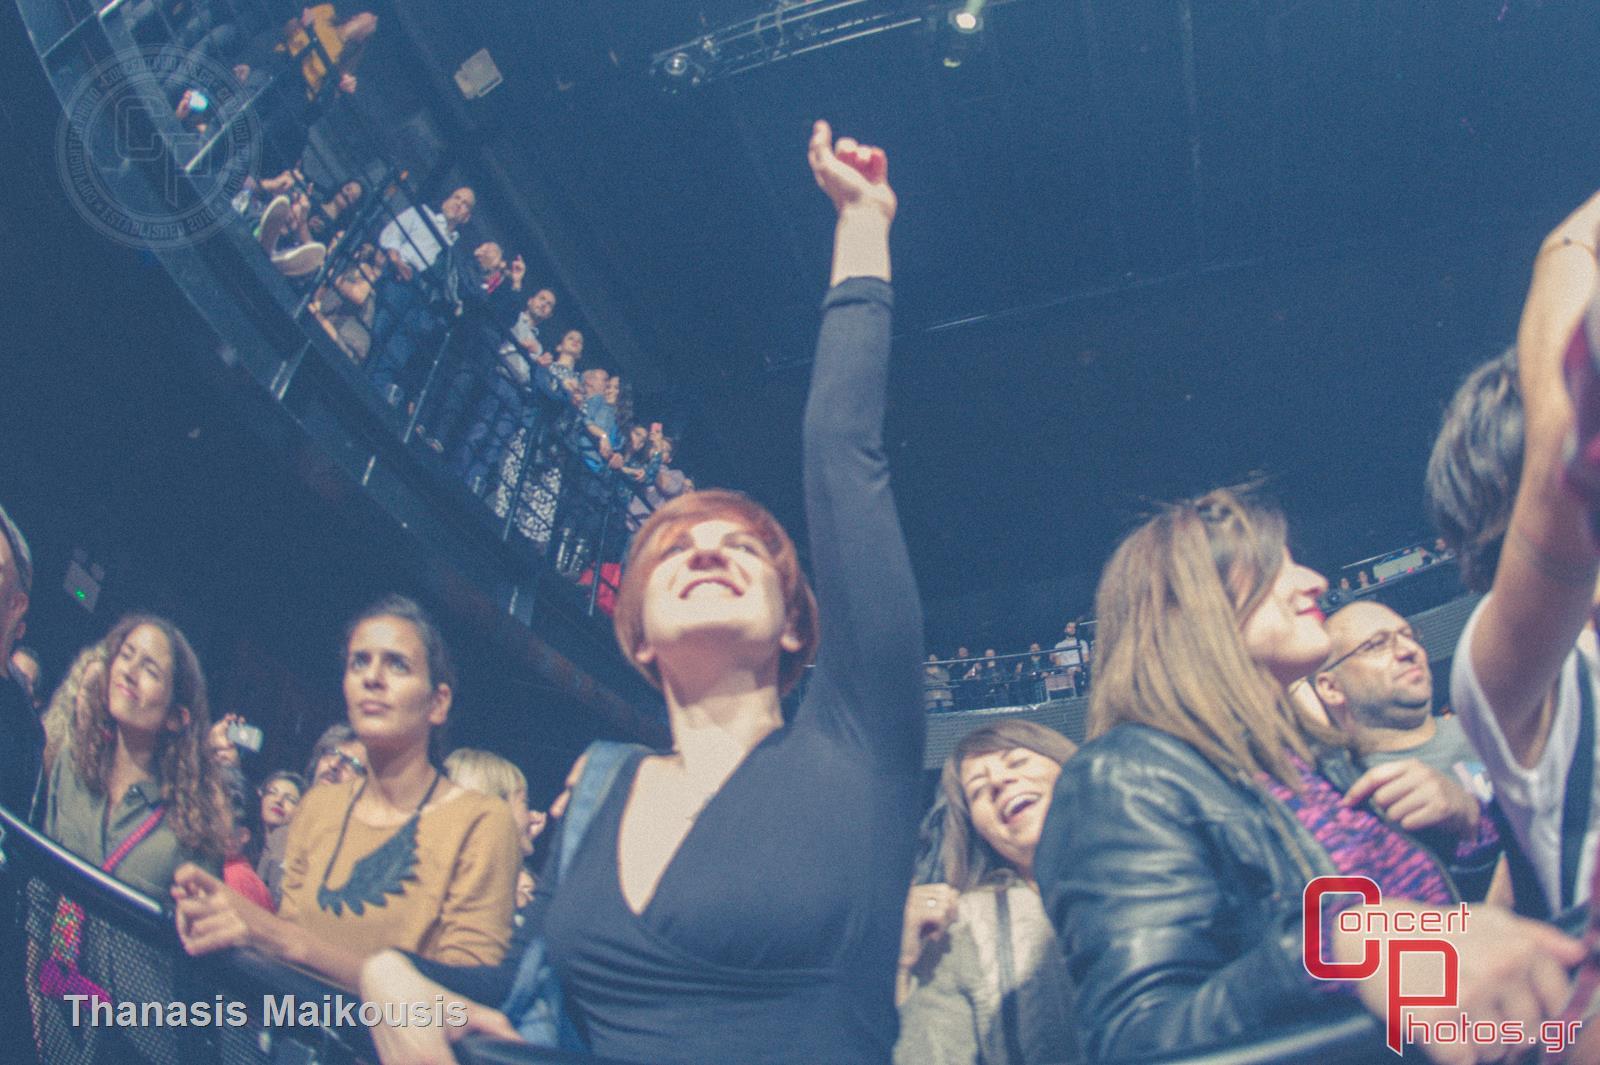 Sebastien Telier & Liebe-Sebastien Telier Liebe photographer: Thanasis Maikousis - concertphotos_20141107_23_49_09